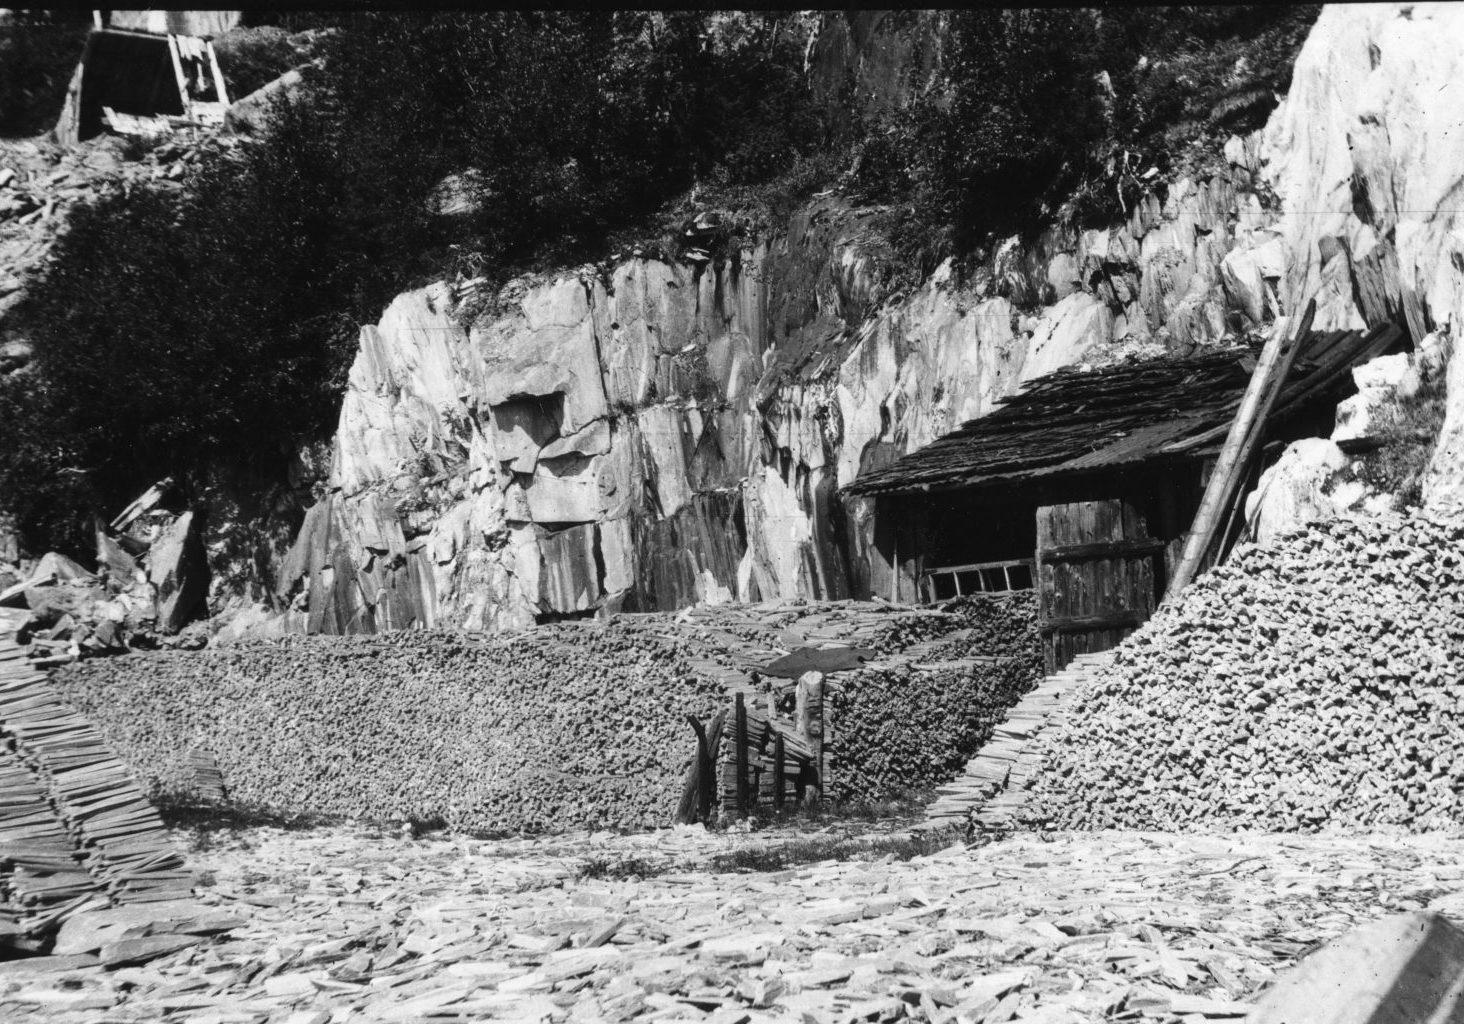 Brynesteinsbrudda i Eidsborg ligger som åpne dagbrudd. Her er råbryner lagt i la, klare til å bli transportert fra steinberget i Eidsborg ned til Lastein ved Bandak.